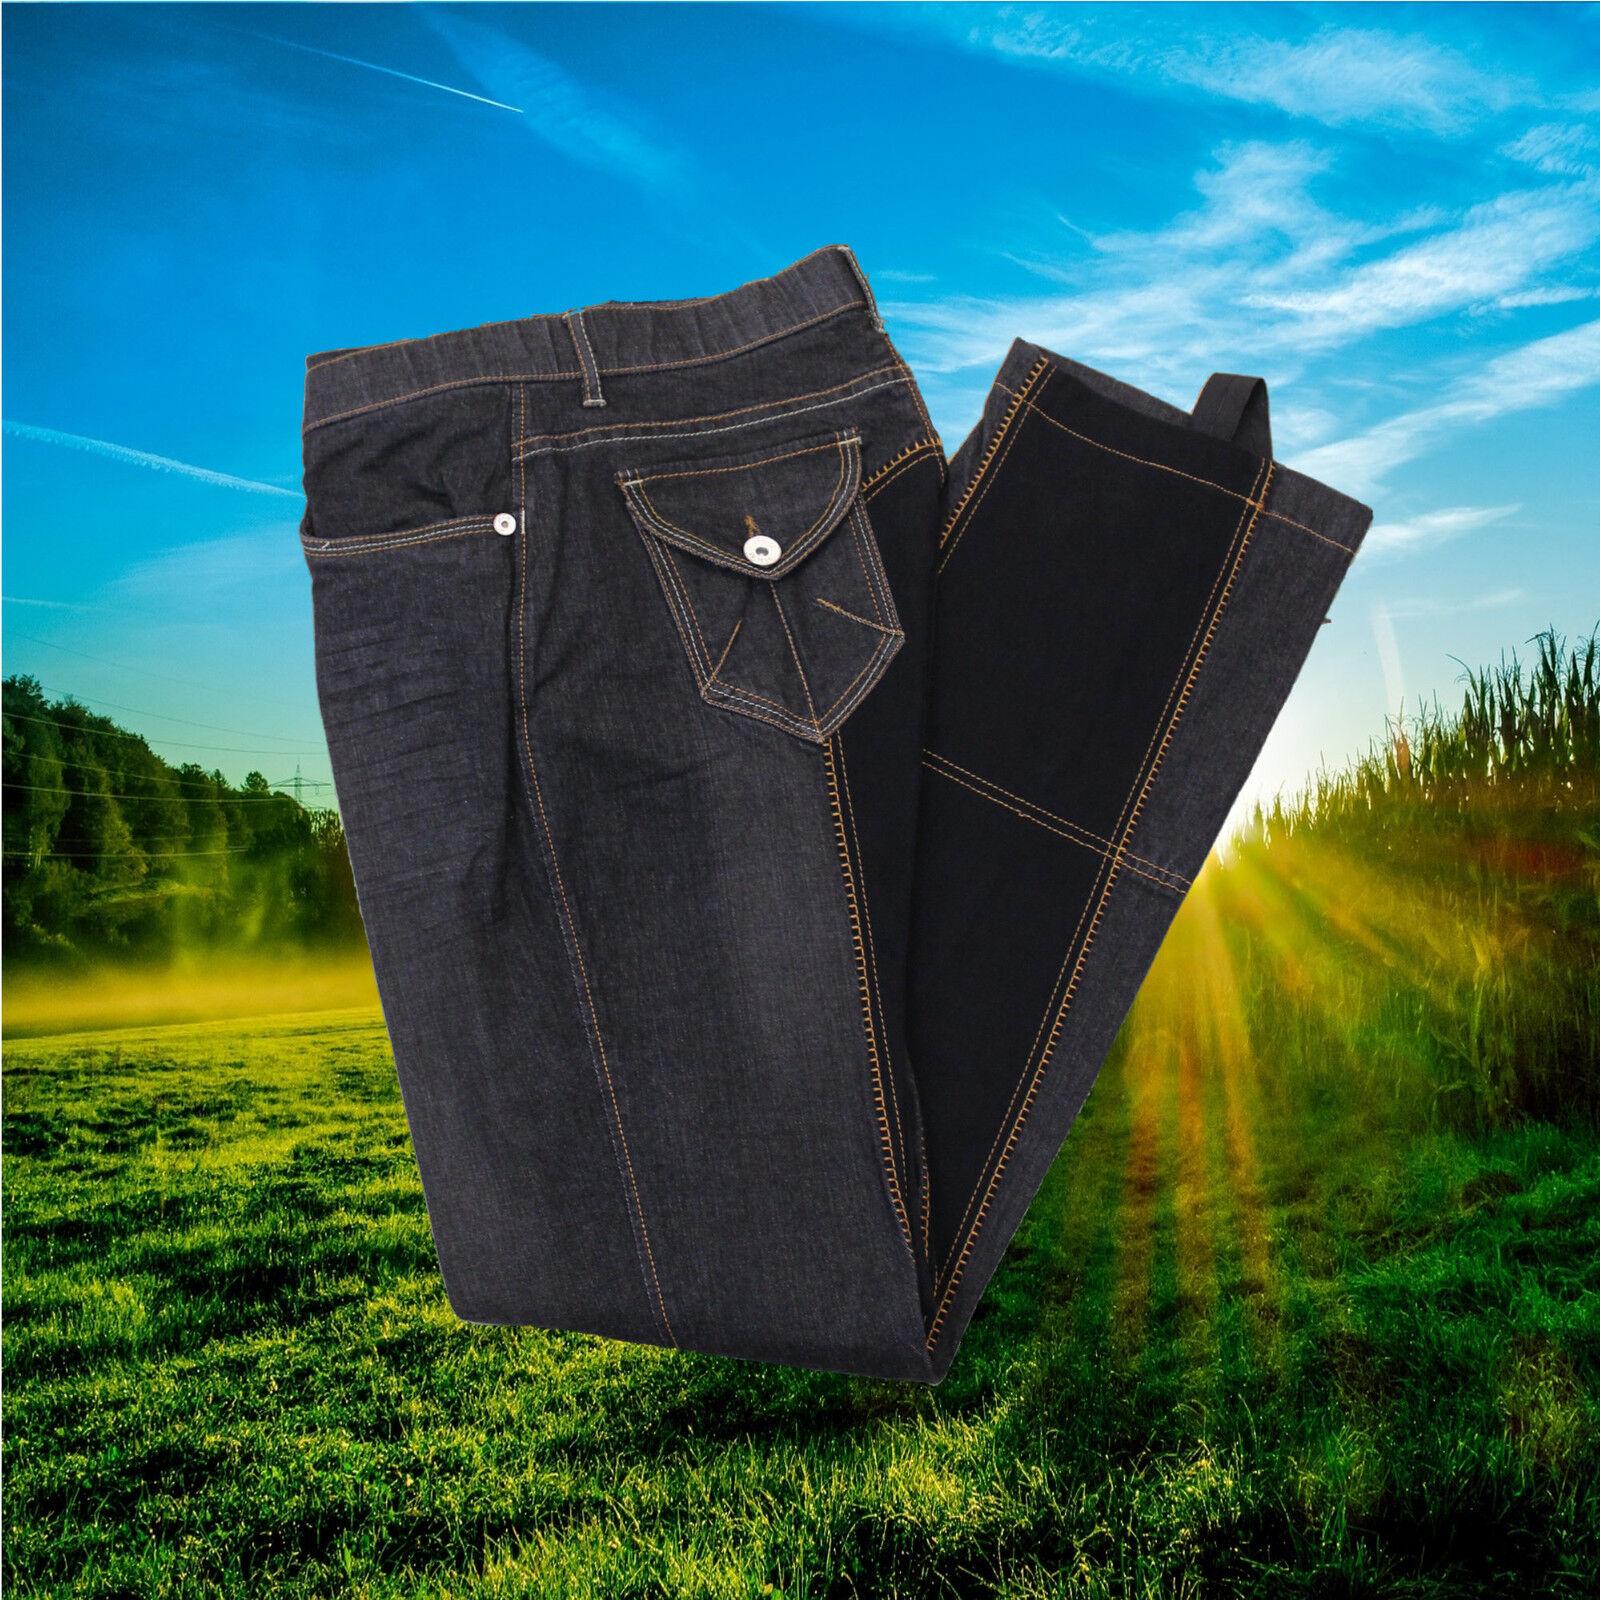 HKM Jodhpur Reithose Jeans,Jodhpurreithose Davota, Ganzbesatz, jeans    | Leicht zu reinigende Oberfläche